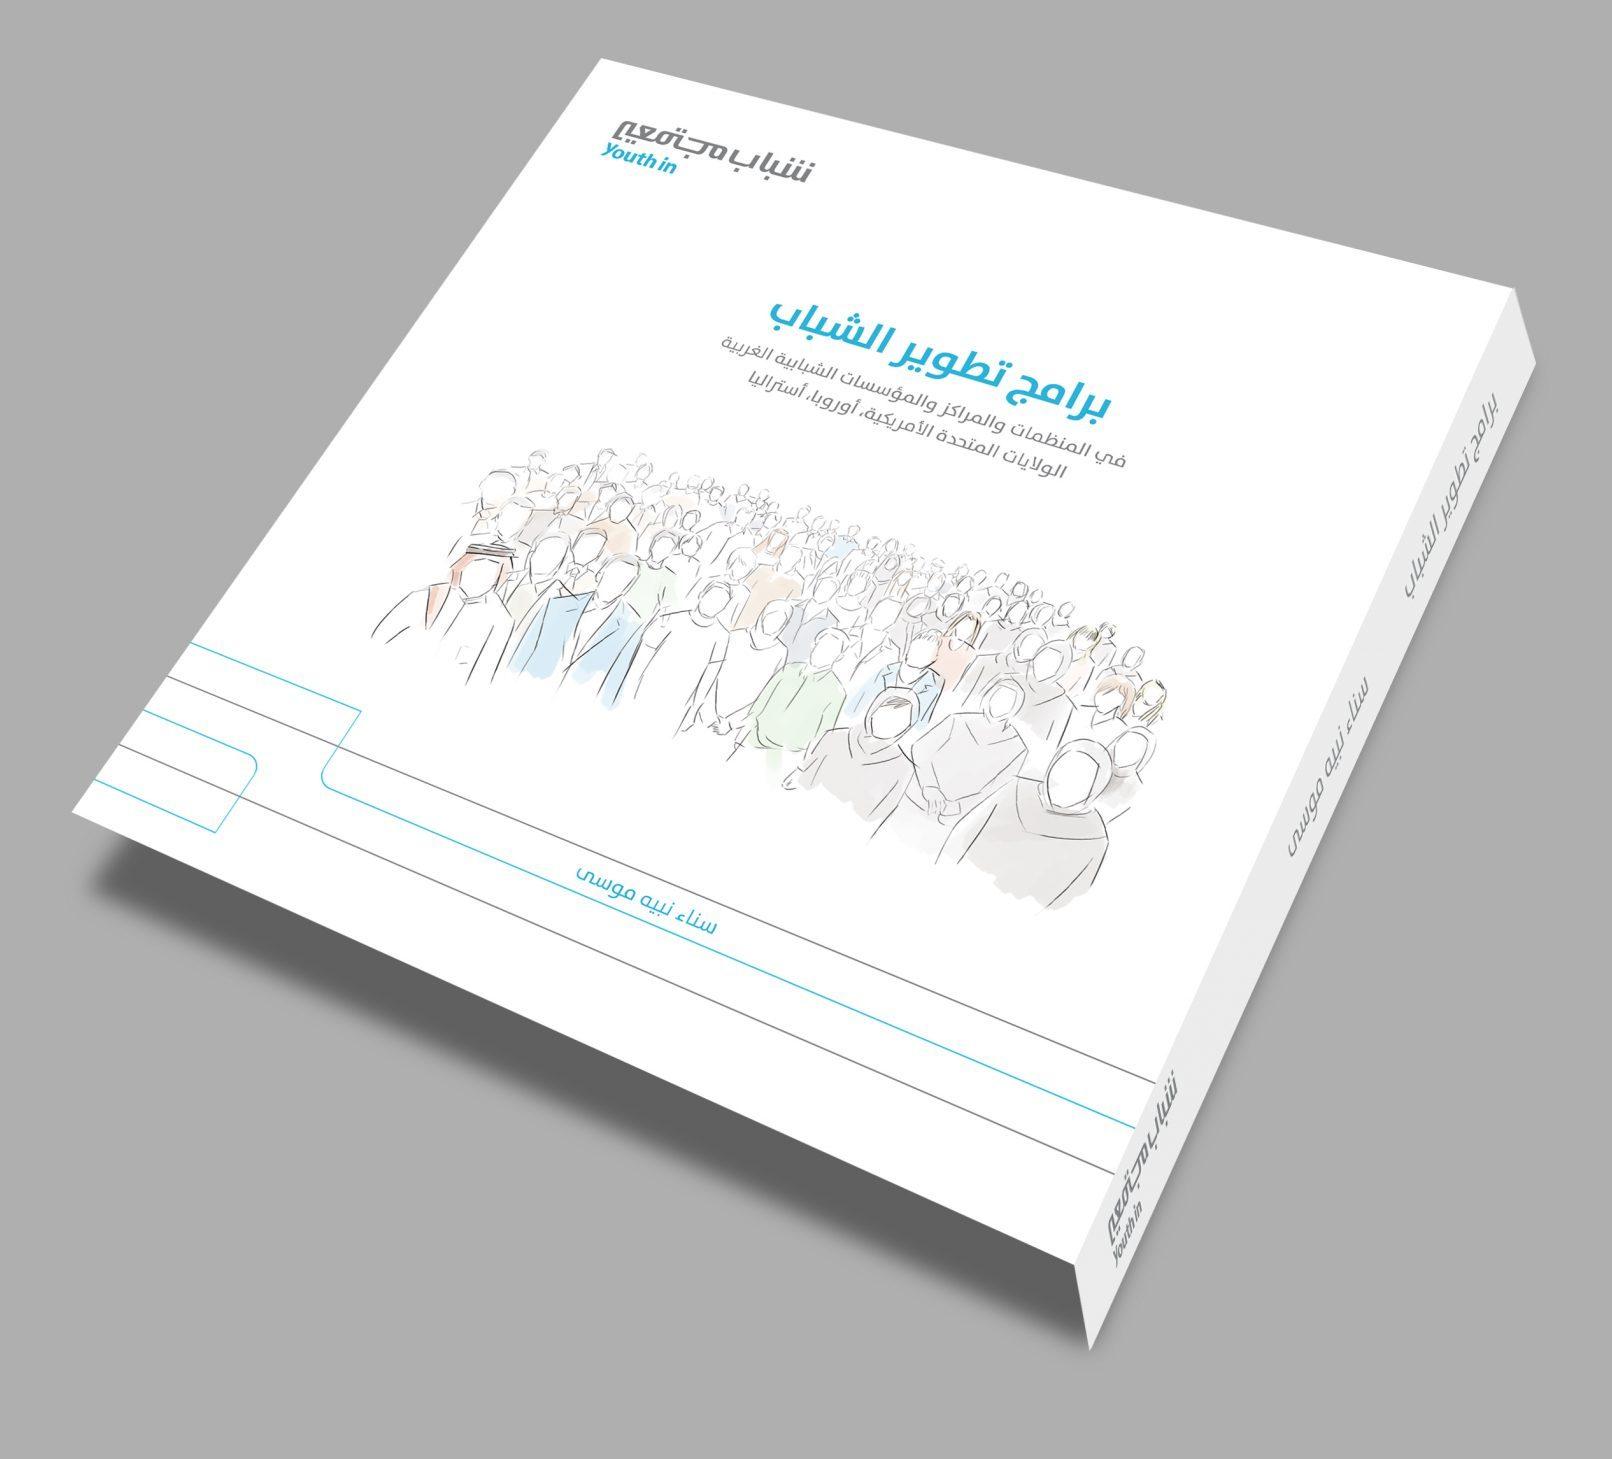 برامج تطوير الشباب في المنظمات والمراكز والمؤسسات الشبابية الغربية